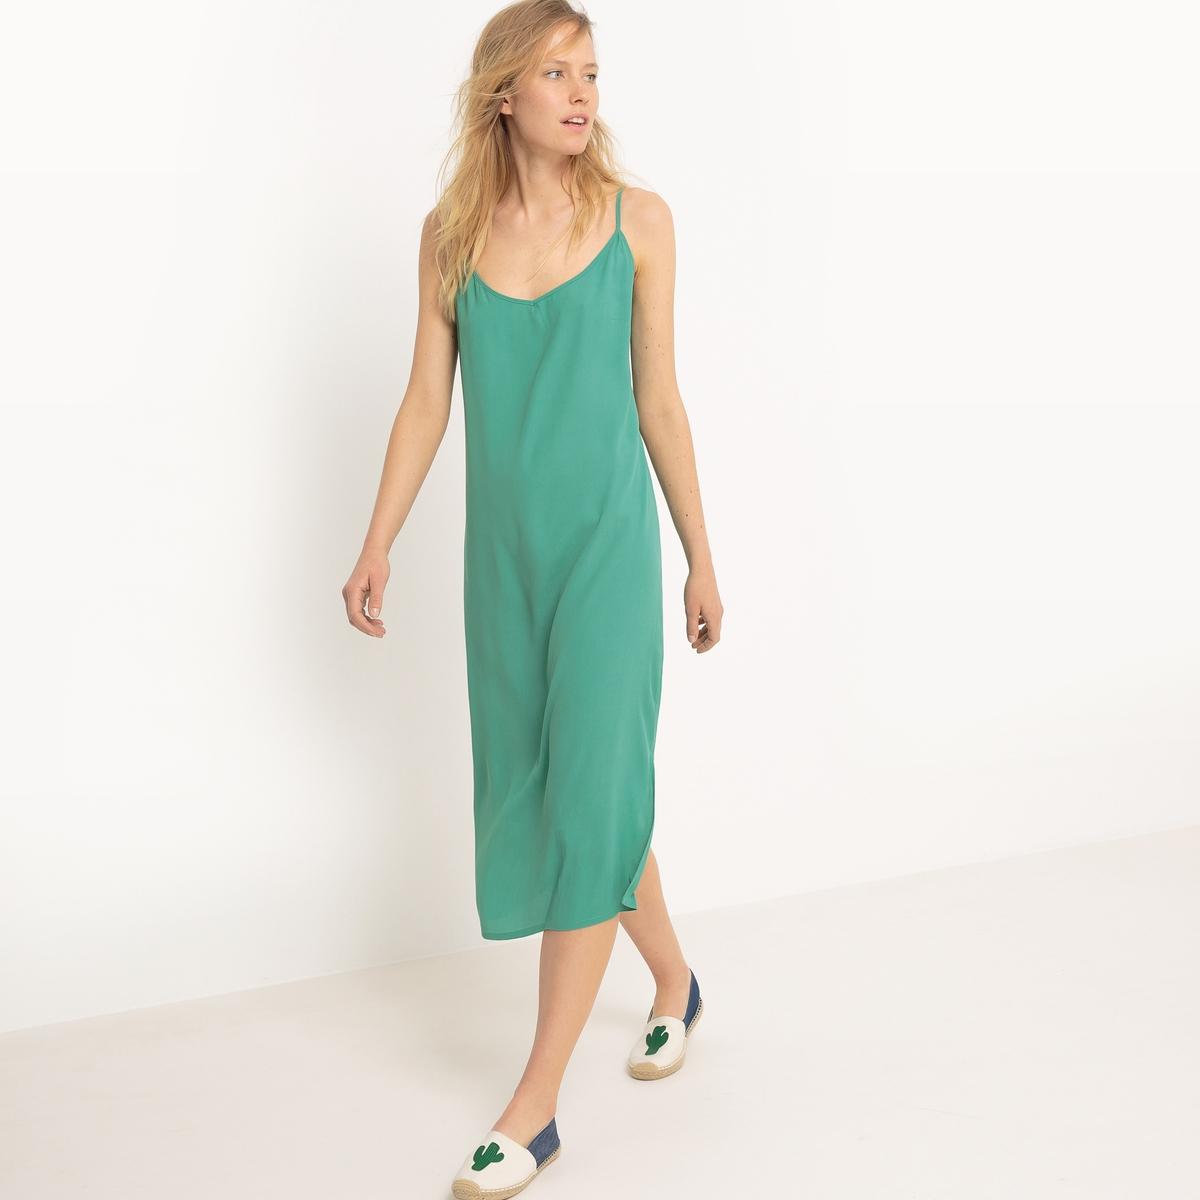 Платье длинное с тонкими бретелями из крепа, 100% вискозаМатериал : 100% вискоза  Длина рукава : тонкие бретели  Форма воротника : V-образный вырез Покрой платья : длинное платье Рисунок : однотонная модель  Особенность платья : глубокий вырез сзади Длина платья : длинное Стирка : машинная стирка при 30 °С в деликатном режиме Уход : гладить при средней температуре / не отбеливать Машинная сушка : запрещена Глажка : сухая чистка запрещена<br><br>Цвет: зеленый<br>Размер: 44 (FR) - 50 (RUS).36 (FR) - 42 (RUS).46 (FR) - 52 (RUS)